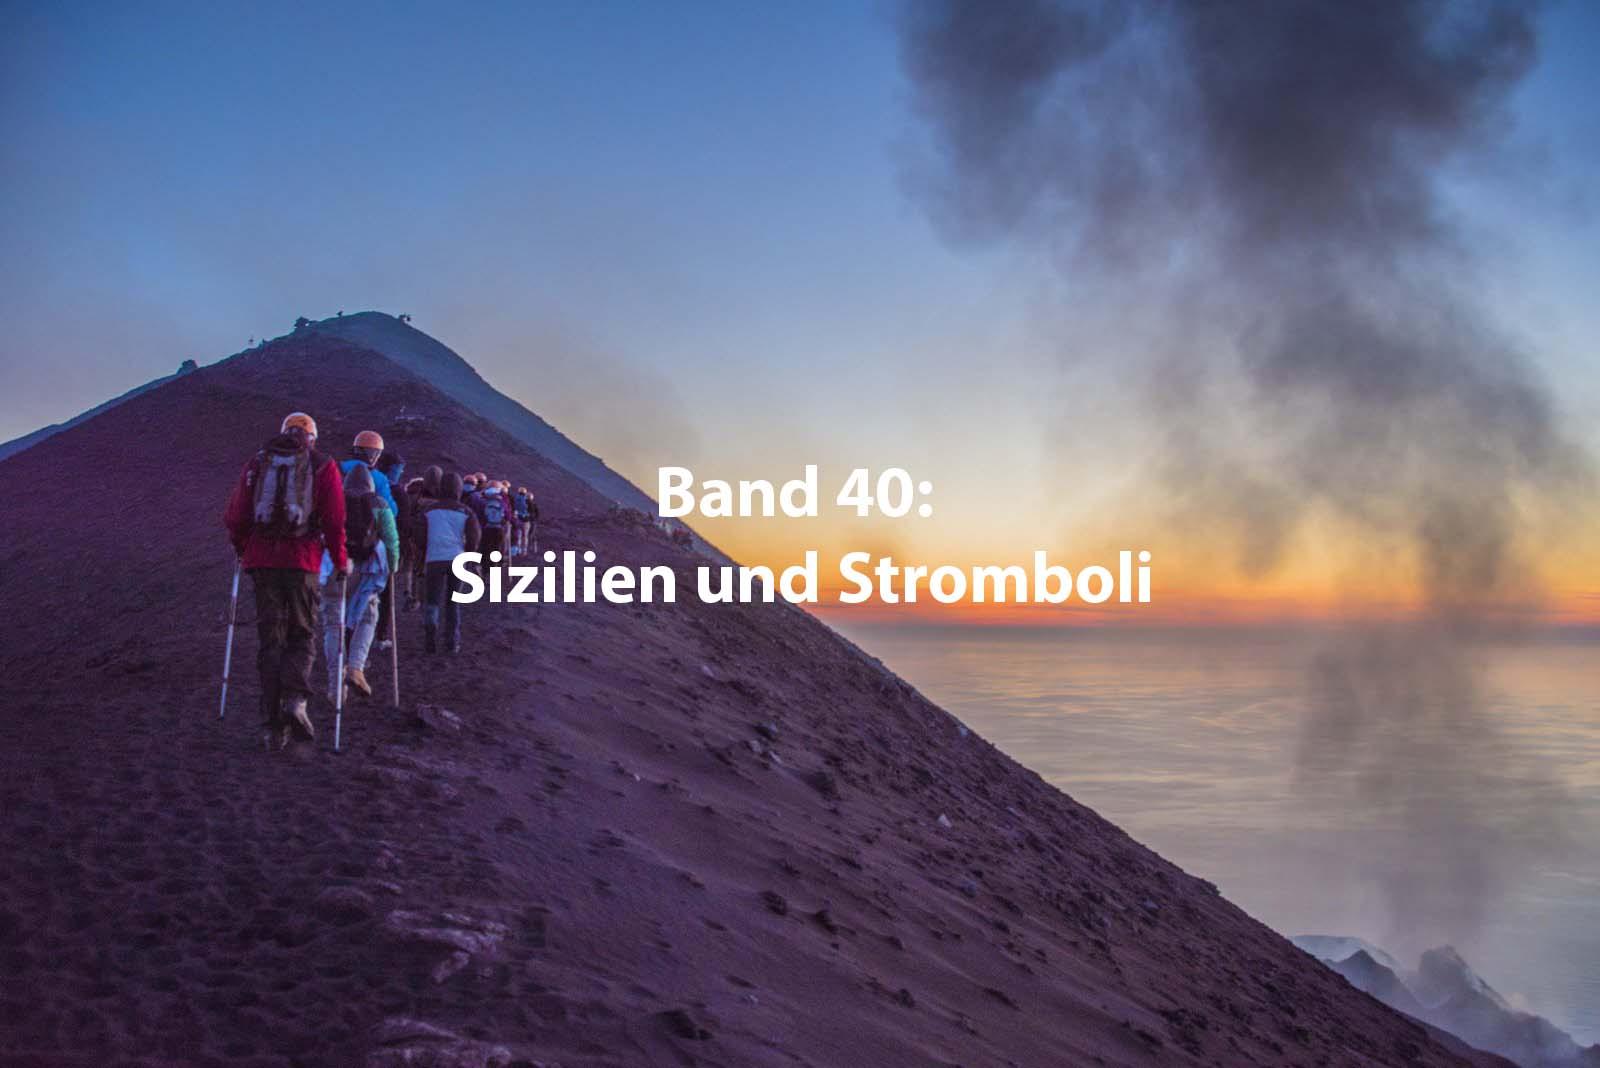 Band 40 : Sizilien und Stromboli